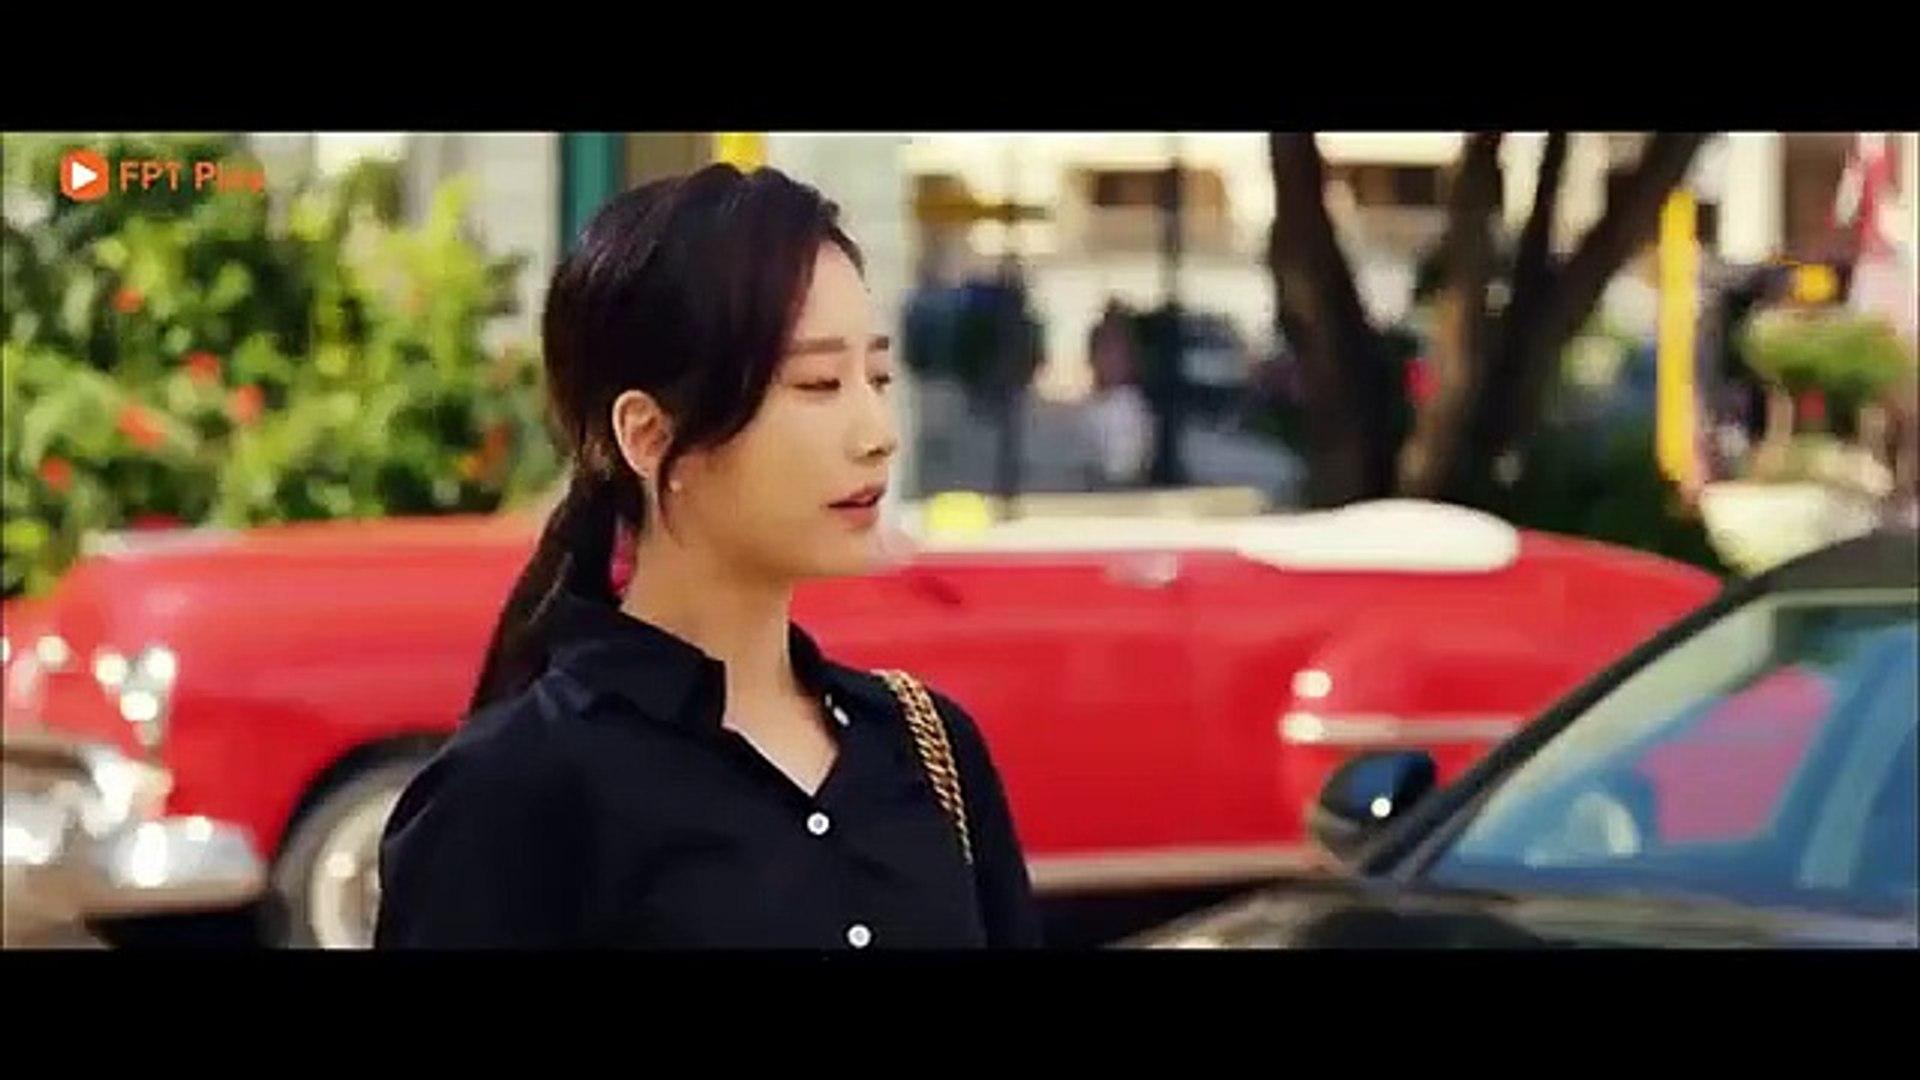 Bạn Trai Tập 1 - Phim Hàn Quốc - HTV2 Lồng Tiếng - Phim Ban Trai Tap 2 - Phim Ban Trai Tap 1